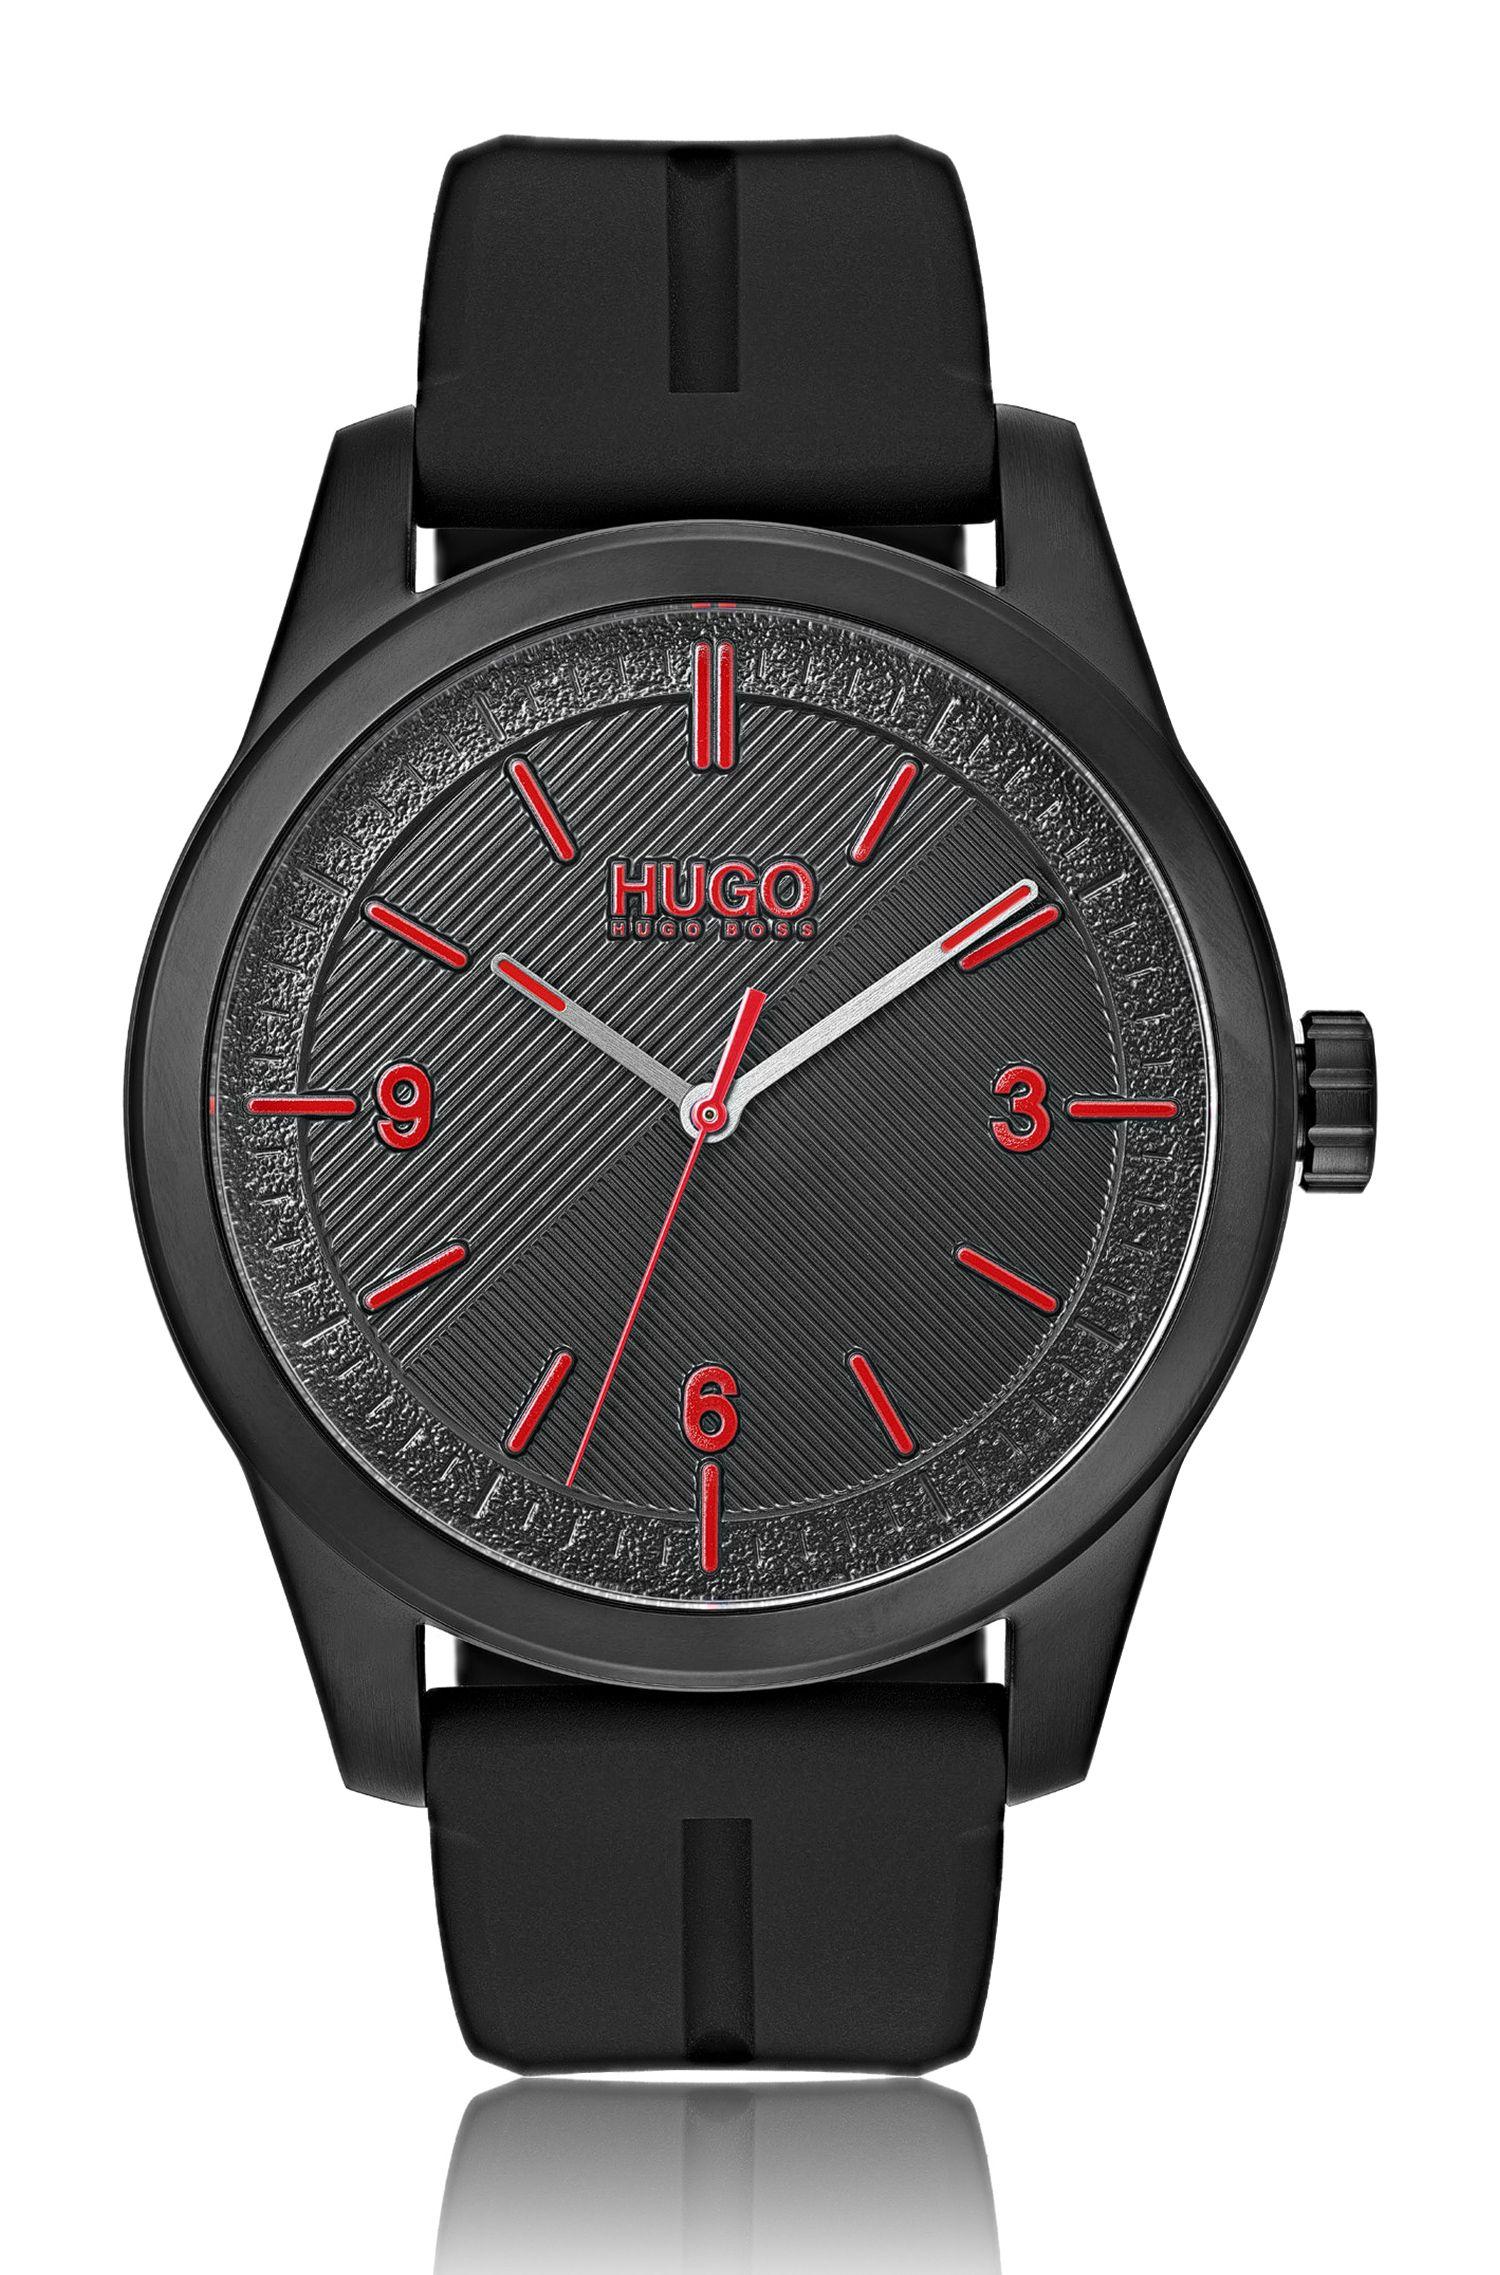 Schwarz beschichtete Uhr mit verschiedenen Struktur-Effekten, Schwarz